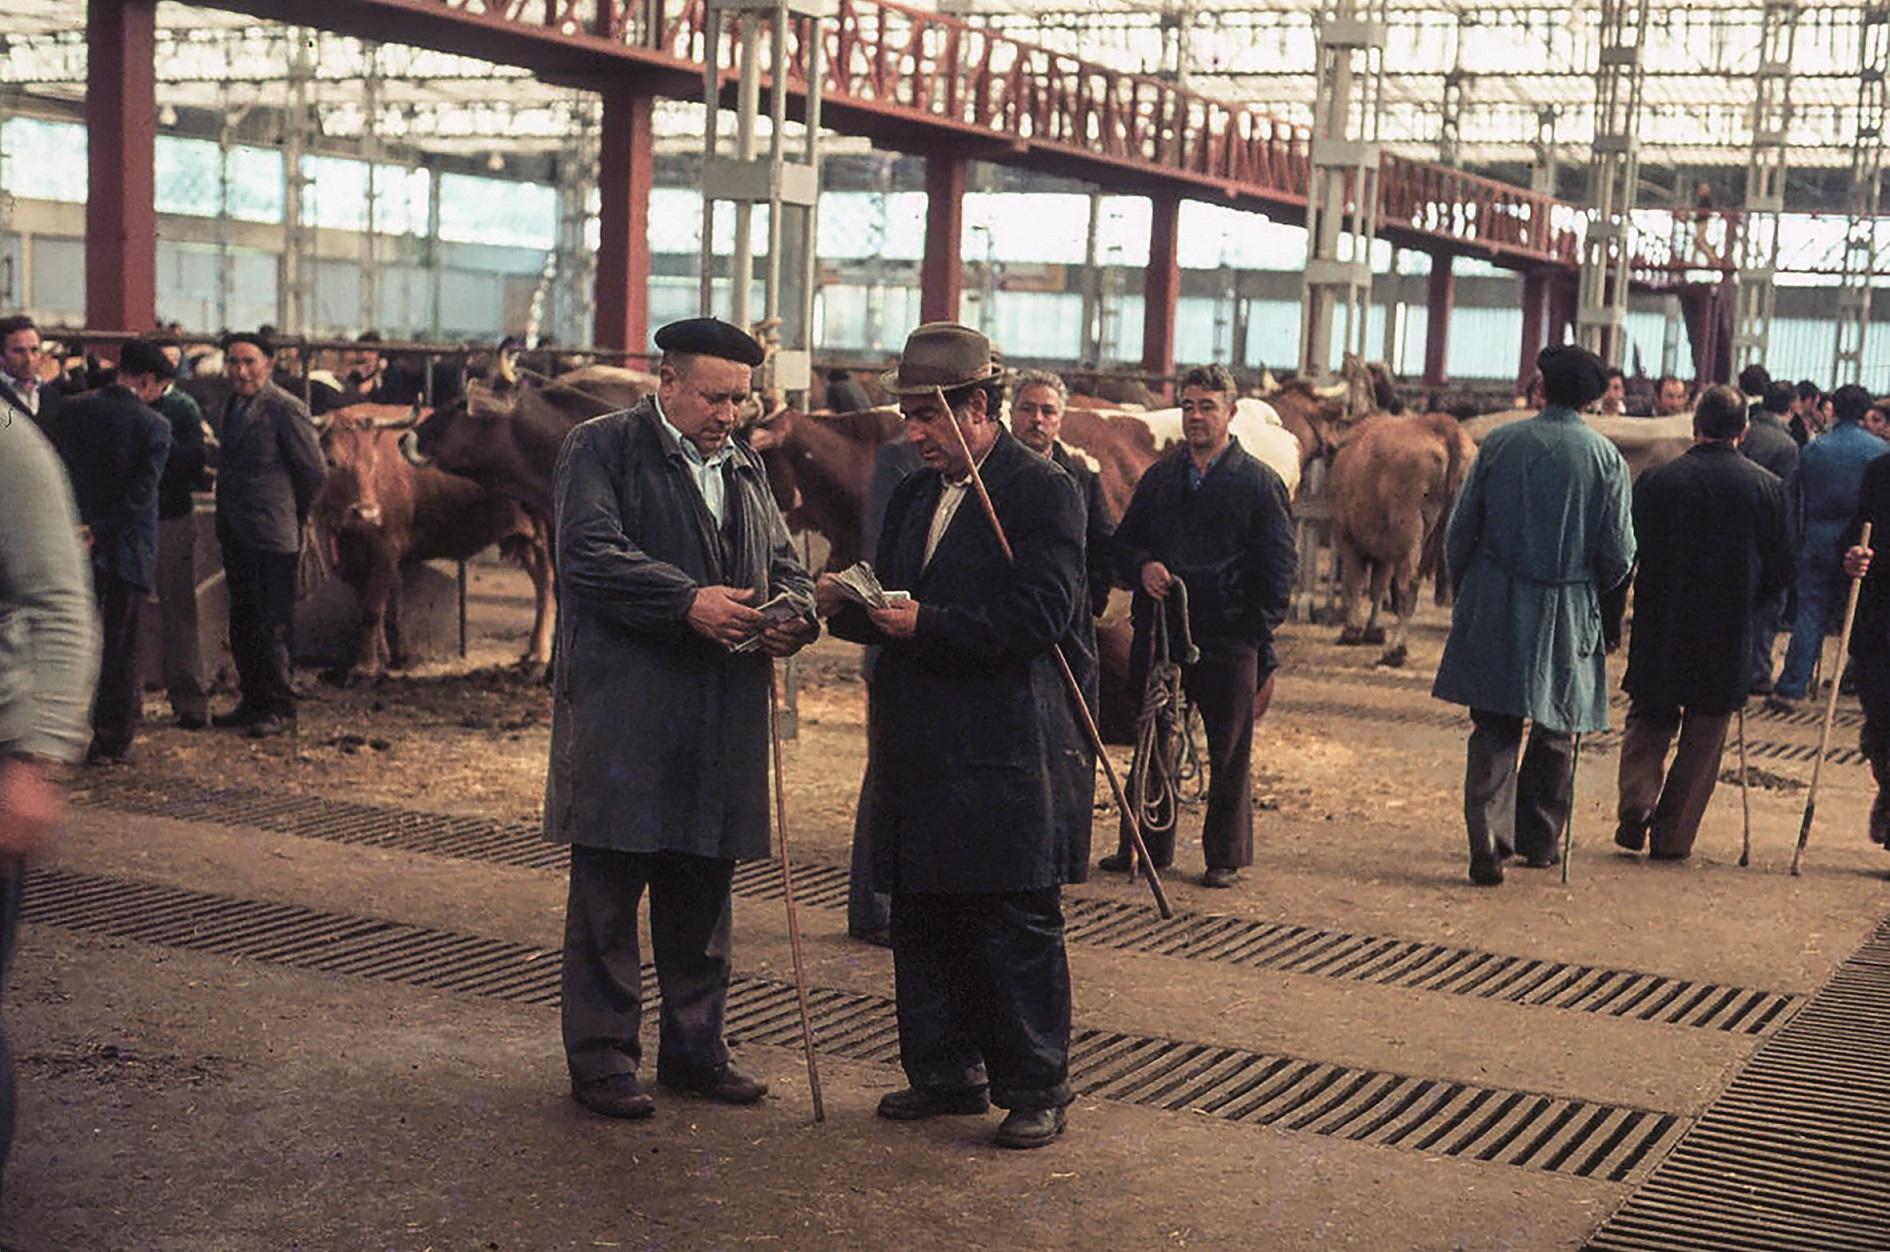 Unha fotografía da exposición: Feira de Santiago de Compostela en 1980.